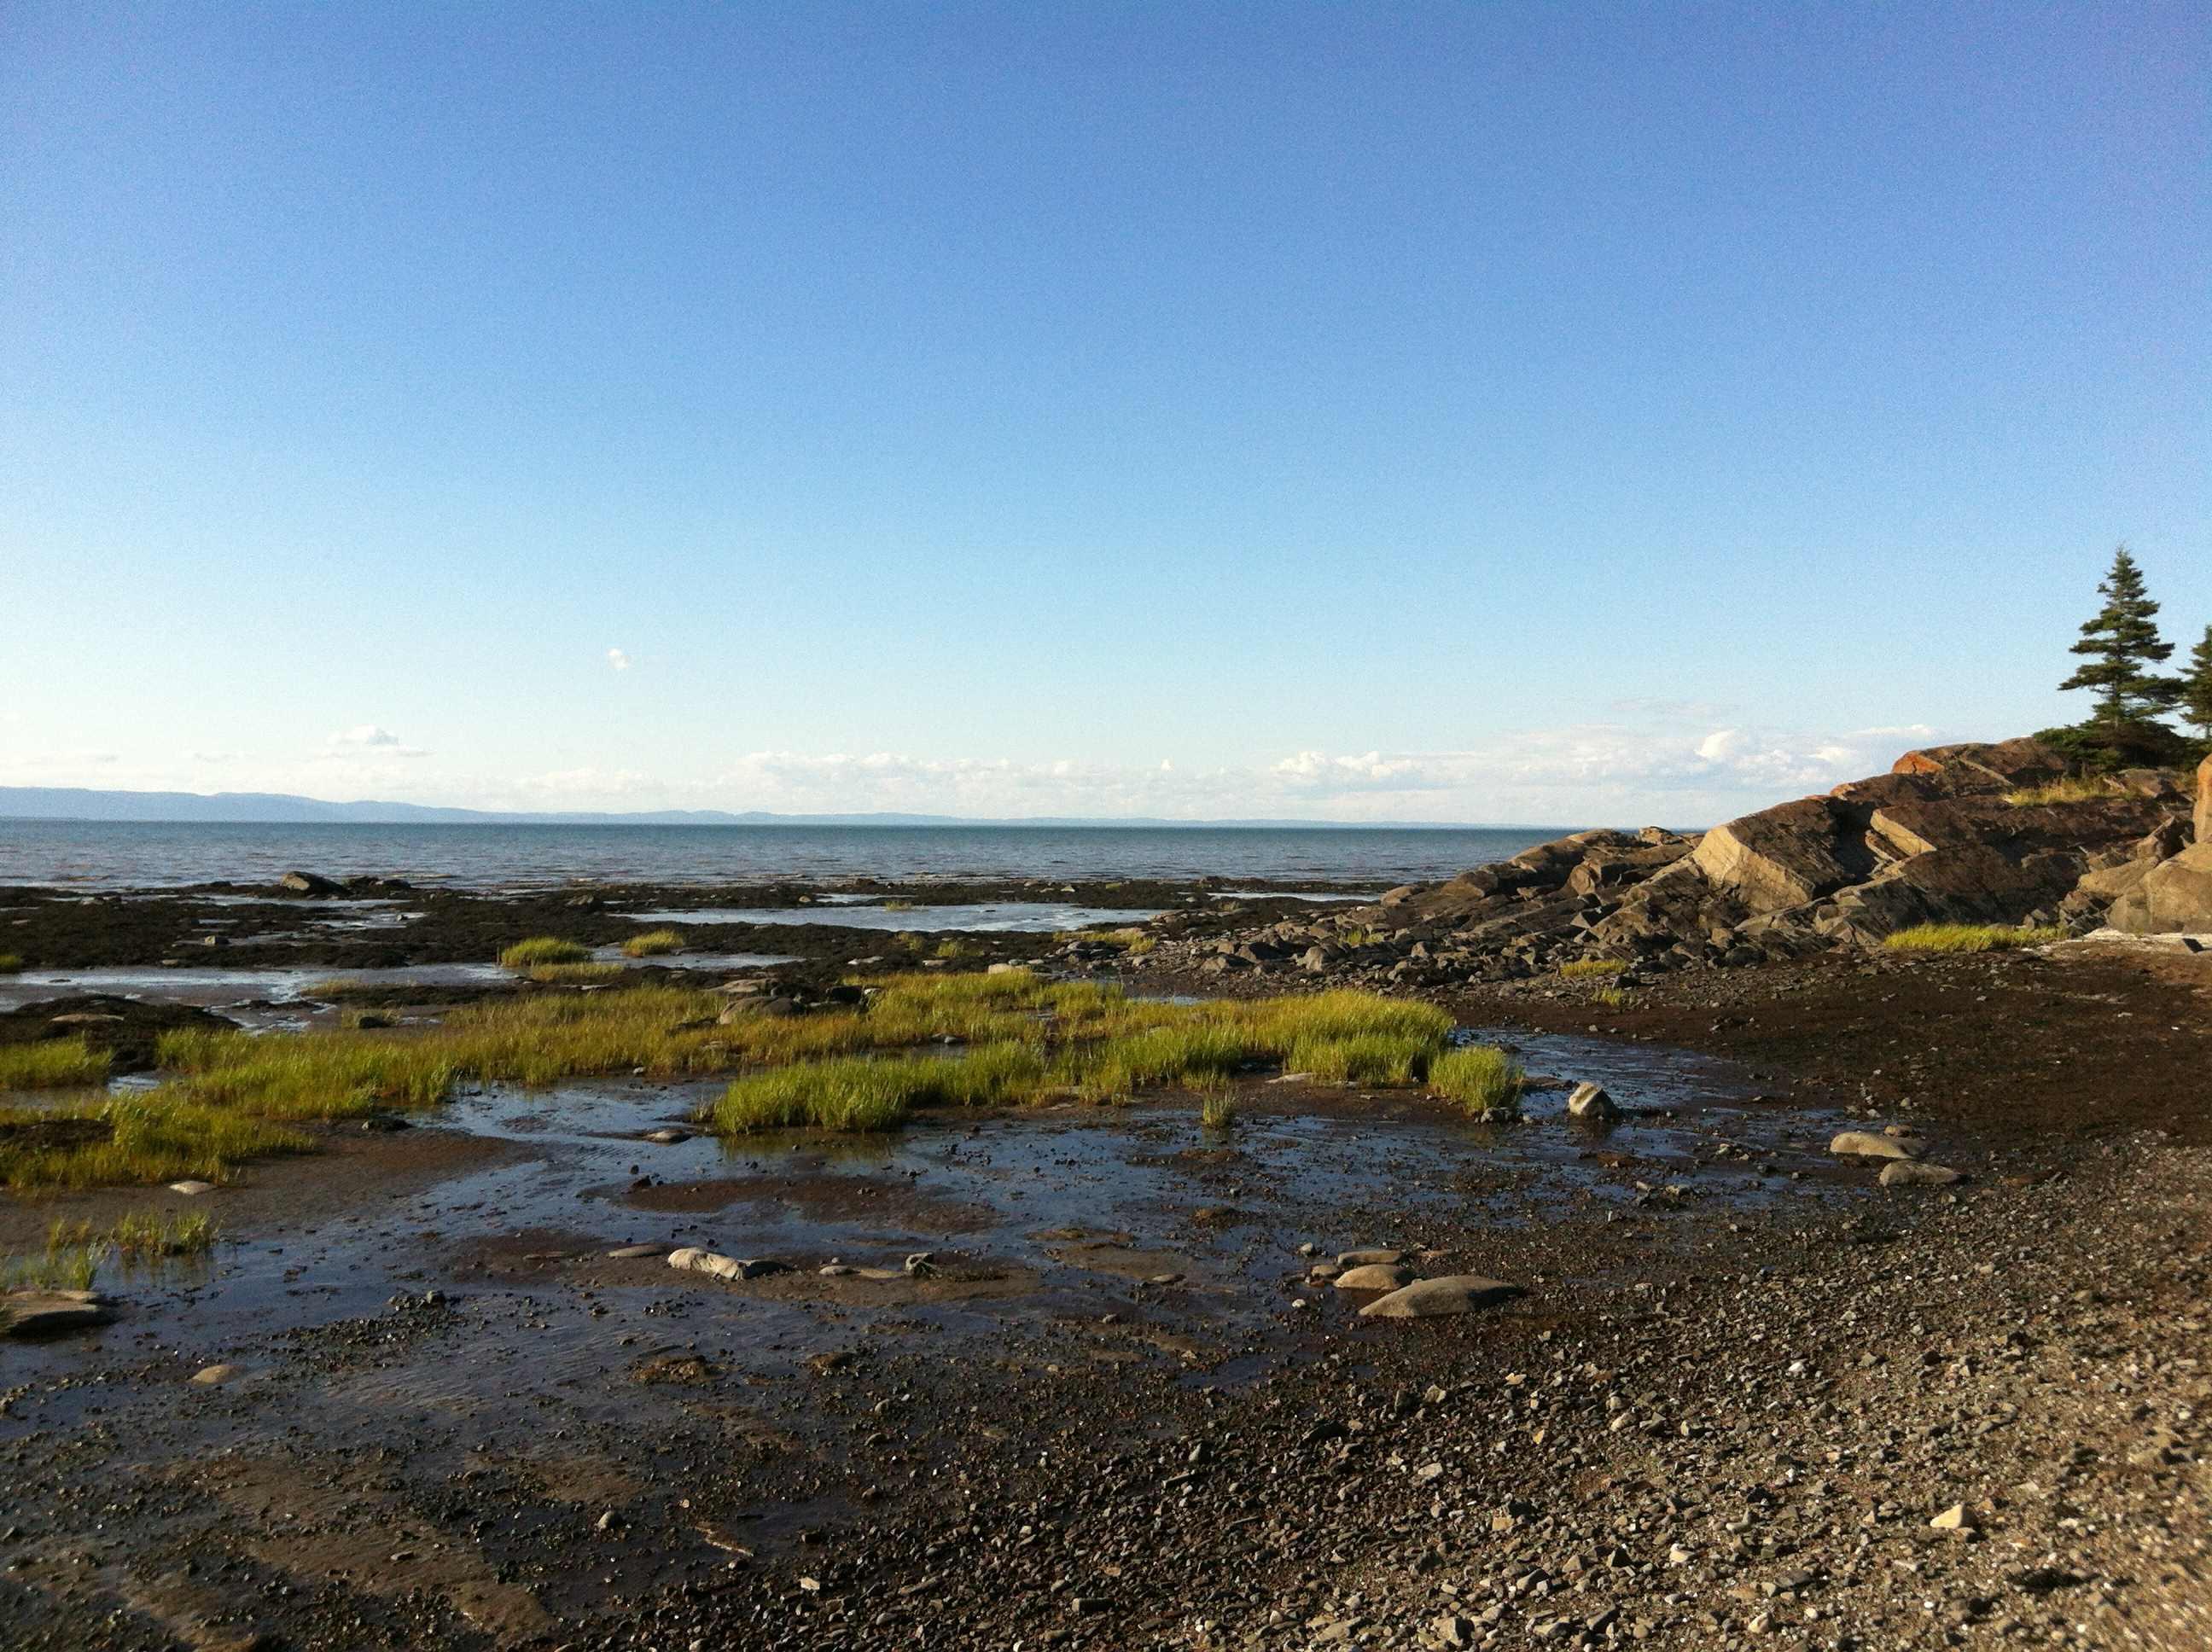 Paysage naturel : une plage marécageuse bordée de rochers, le fleuve et, sur l'autre rive, les montagnes de Charlevoix.